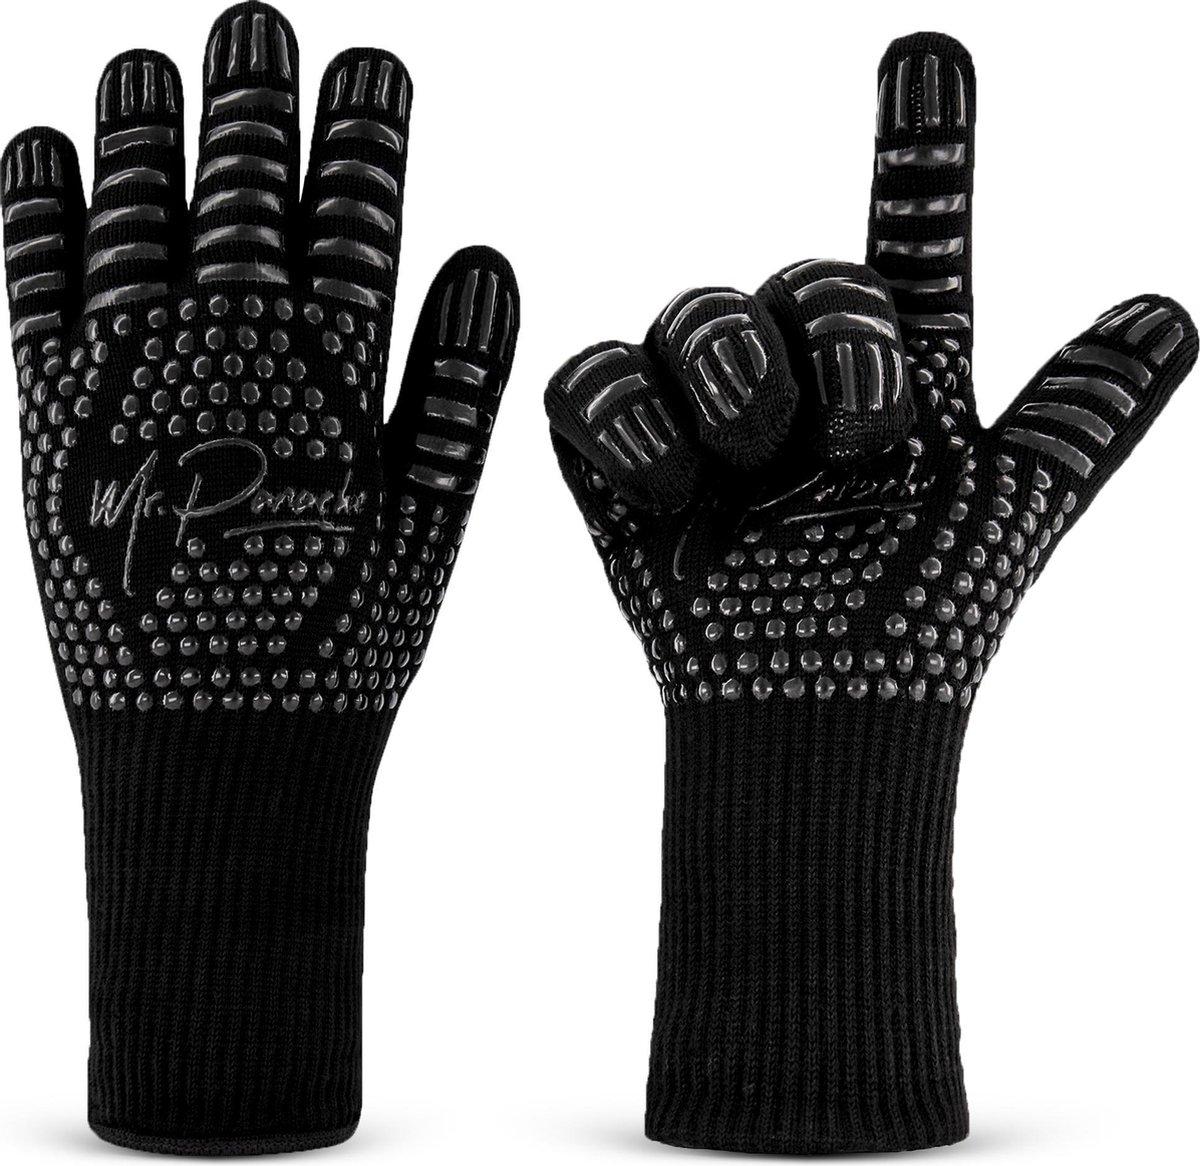 MR. PANACHE™ Ovenhandschoenen ( 2 stuks) - EN407 Certificaat - tot 500°C - Hittebestendig - BBQ Hand